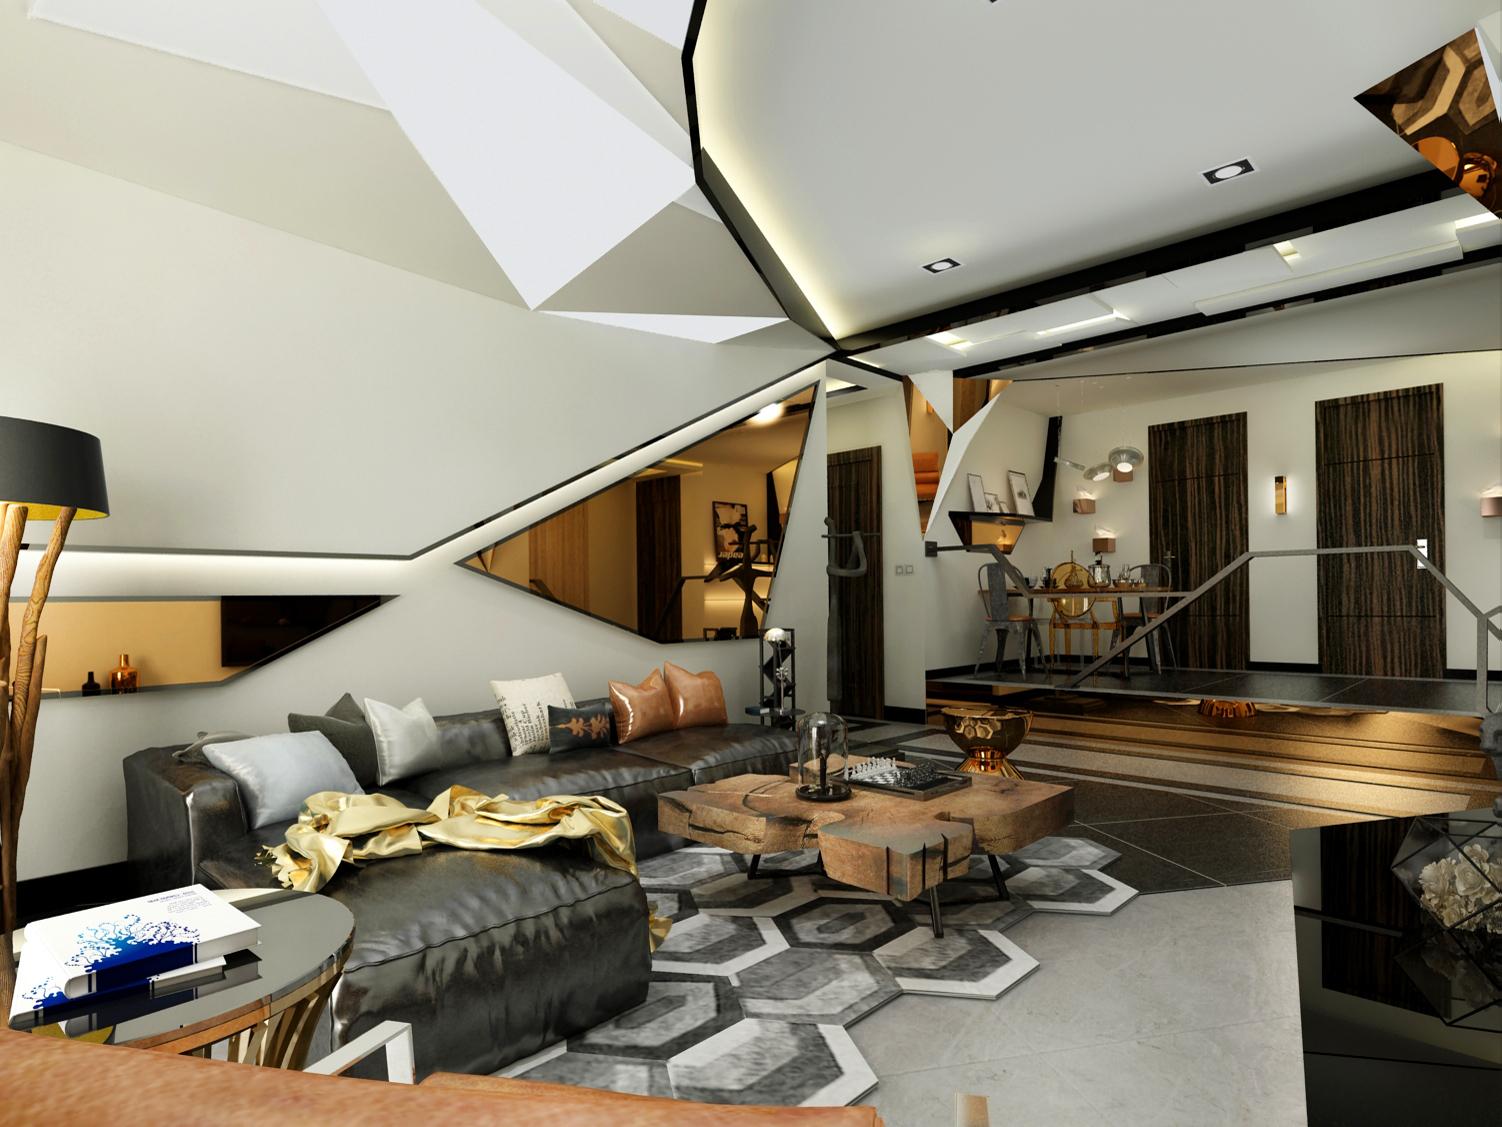 """整个空间的材质多为金属,原木,皮革,饰面镜。颜色多为金色,黑色,灰色以及原木色。客厅的棚面设计师灵感来源""""钻石""""形状,并且客厅餐厅做了独特造型的 软膜灯箱。沙发背景墙运用大面积茶金色饰面镜。皮质的黑色沙发显得整个客厅沉稳与厚重。客厅落地窗的门口做成倾斜造型。地面的深浅灰色地砖把整个地面做出了层次。"""